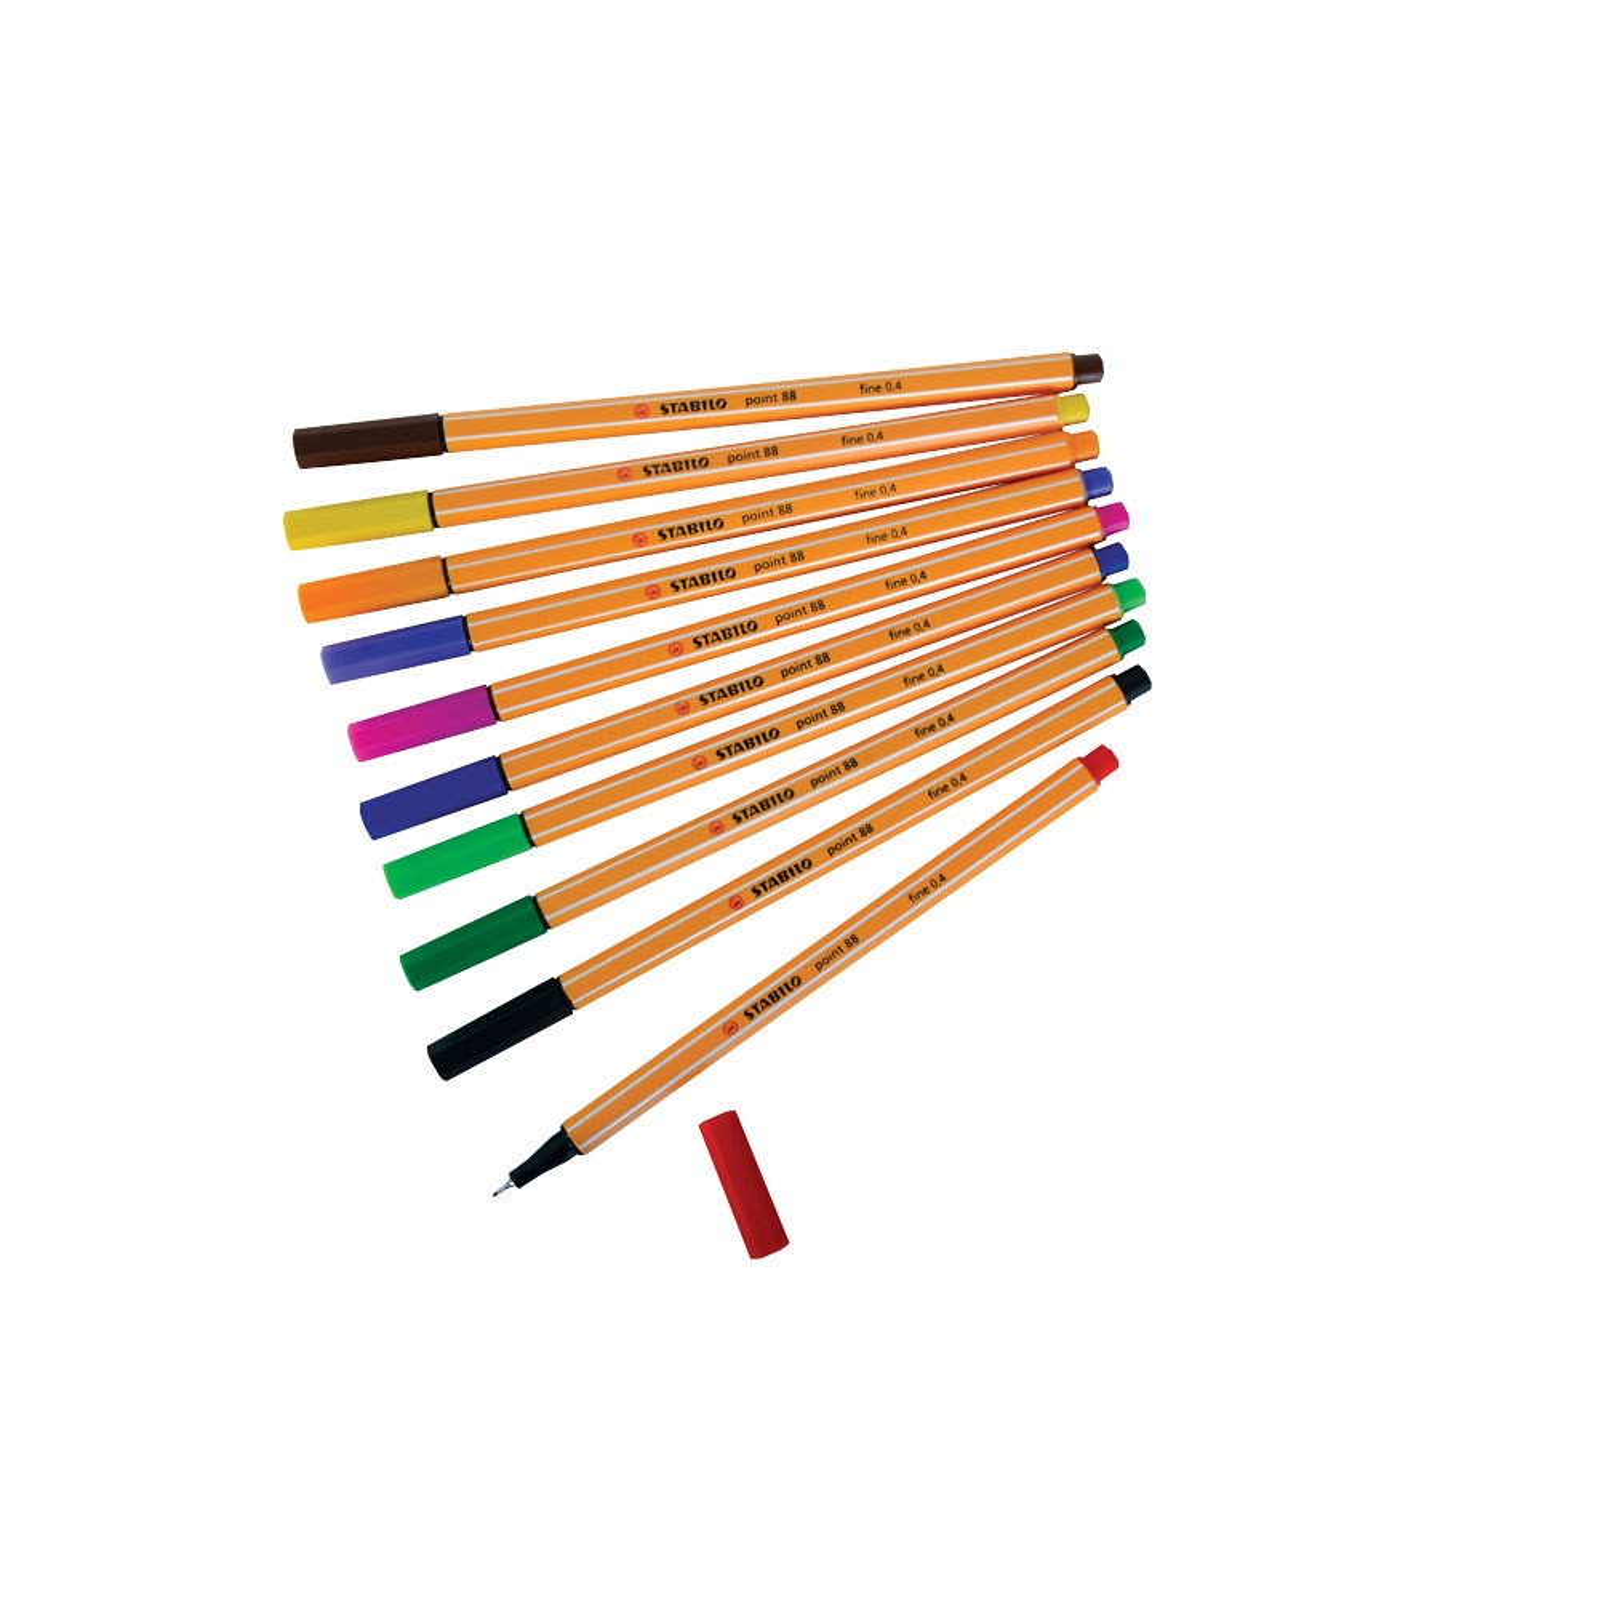 Stabilo Point 88 Fineline Pens